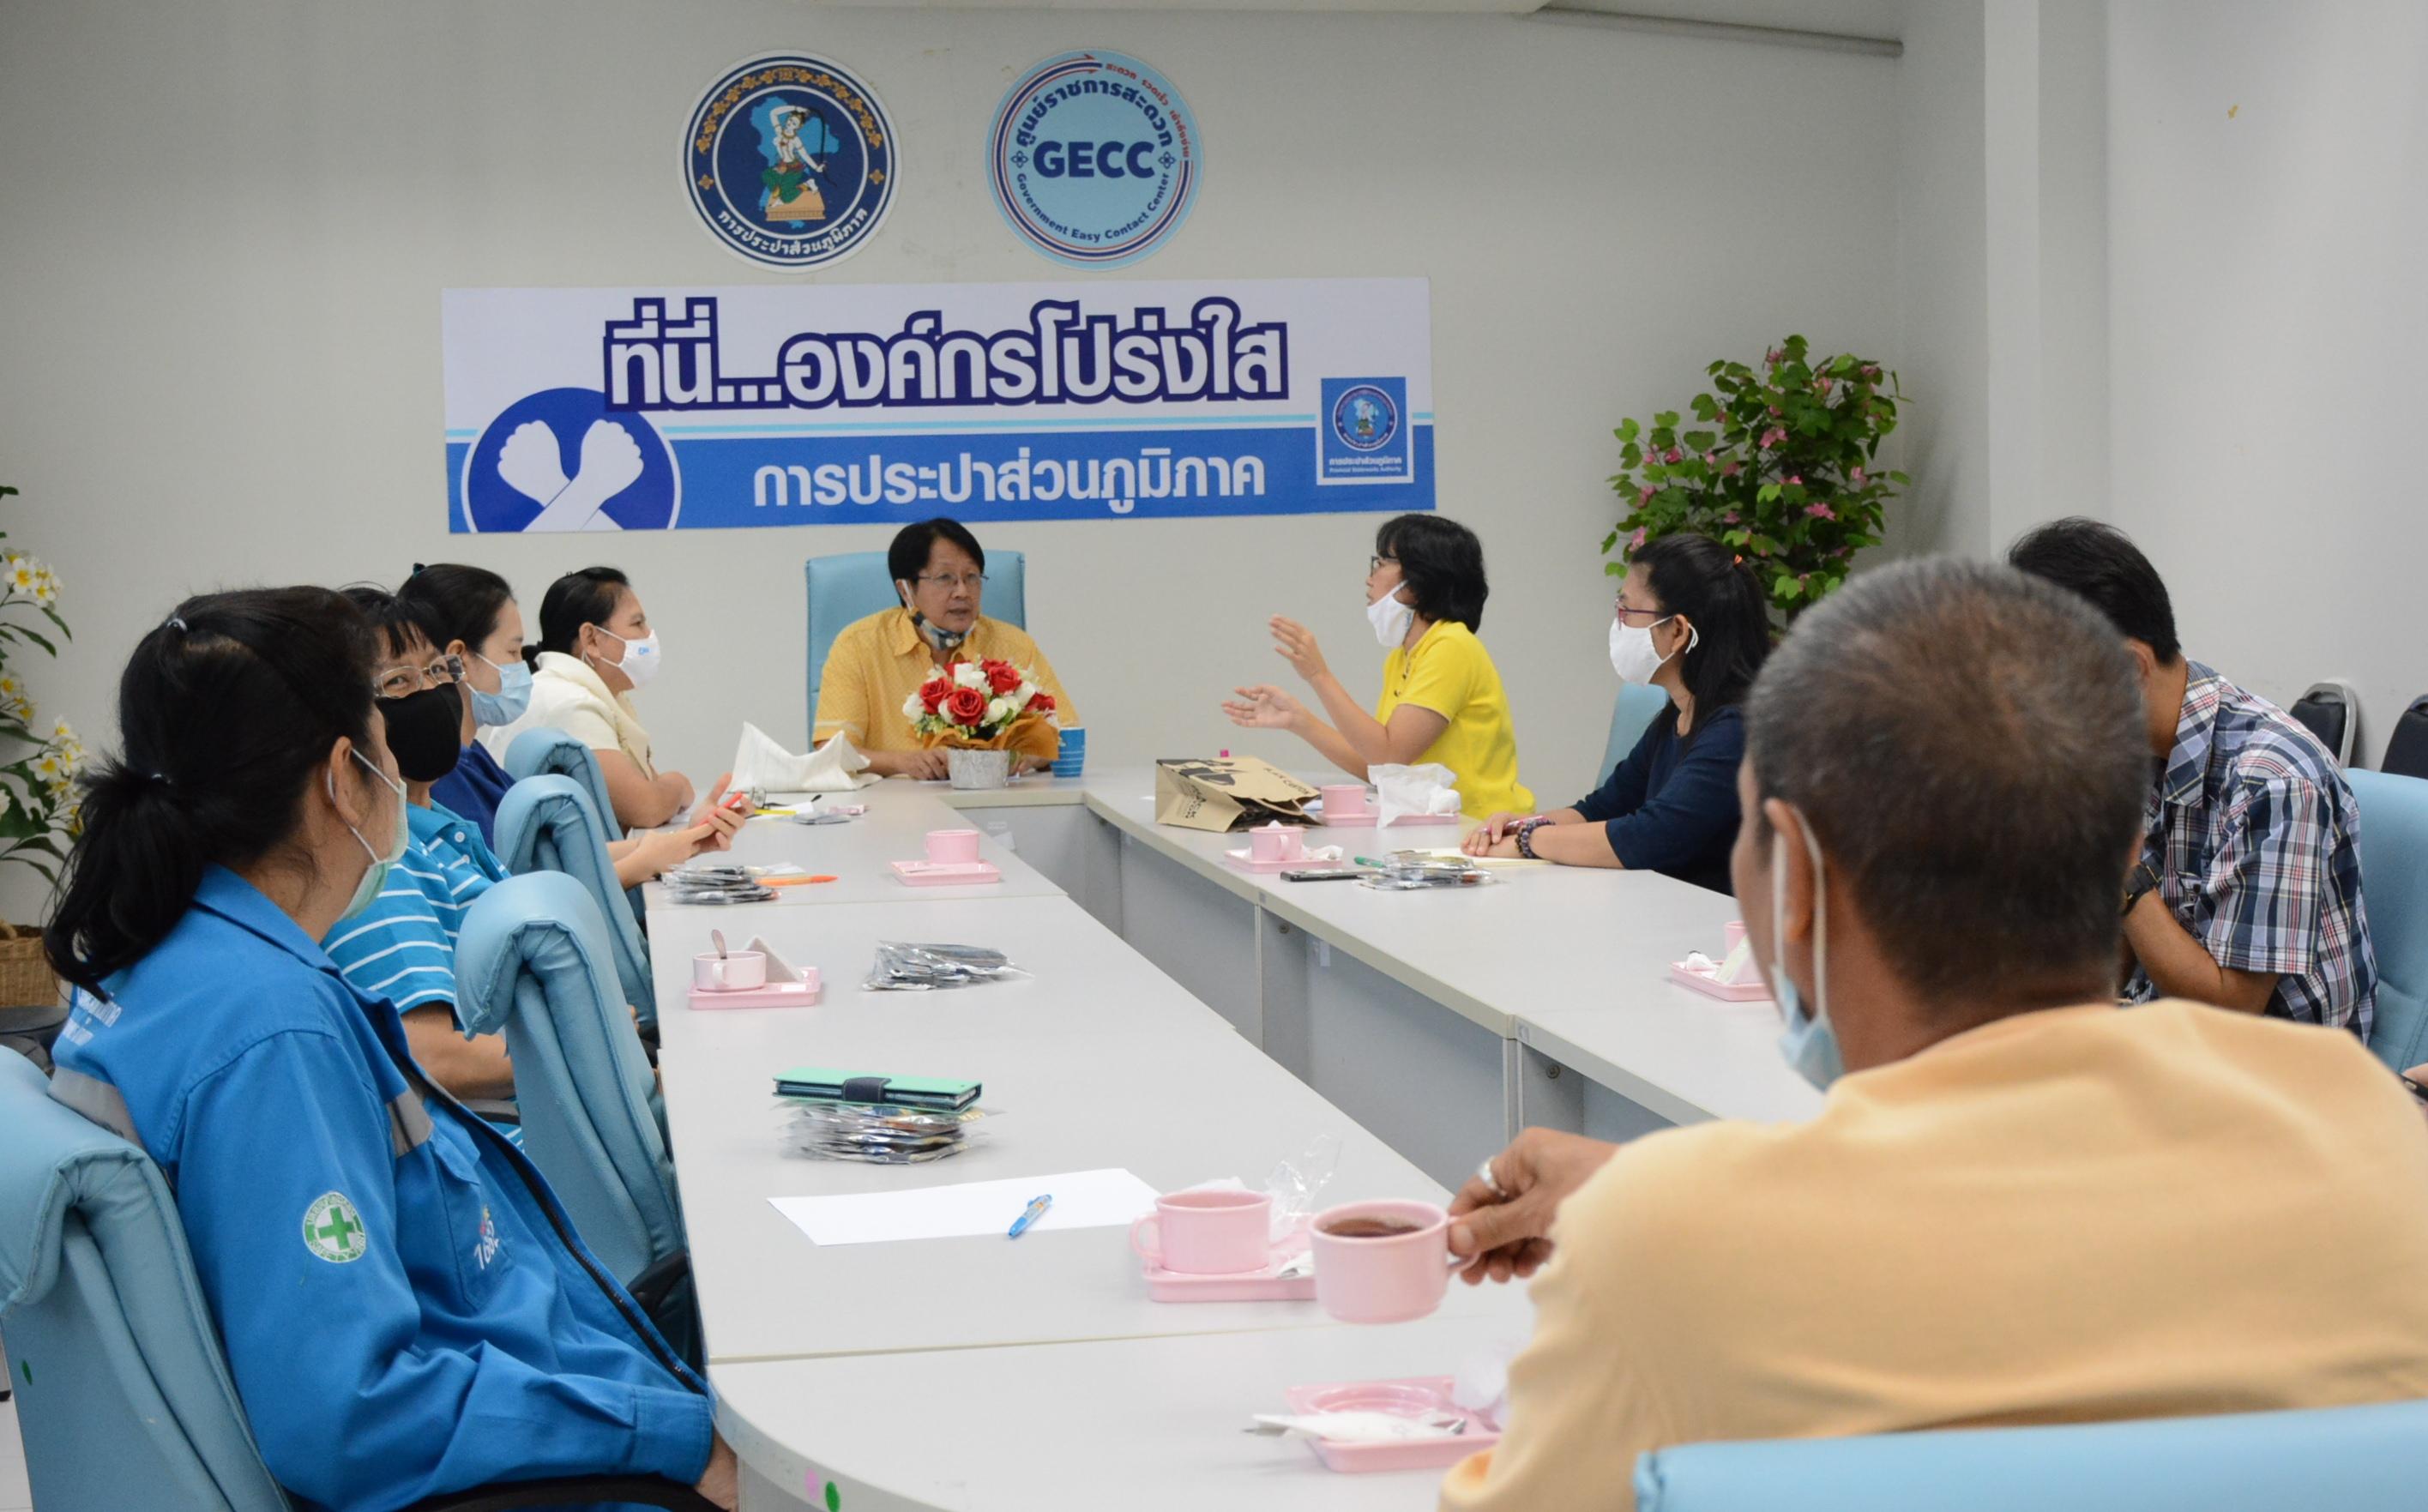 การประปาส่วนภูมิภาคสาขารังสิต (ชั้นพิเศษ) จัดประชุมหัวหน้างานและตัวแทนพนักงาน โครงการ (Morning Talk) ประจำเดือนเมษายน 2563